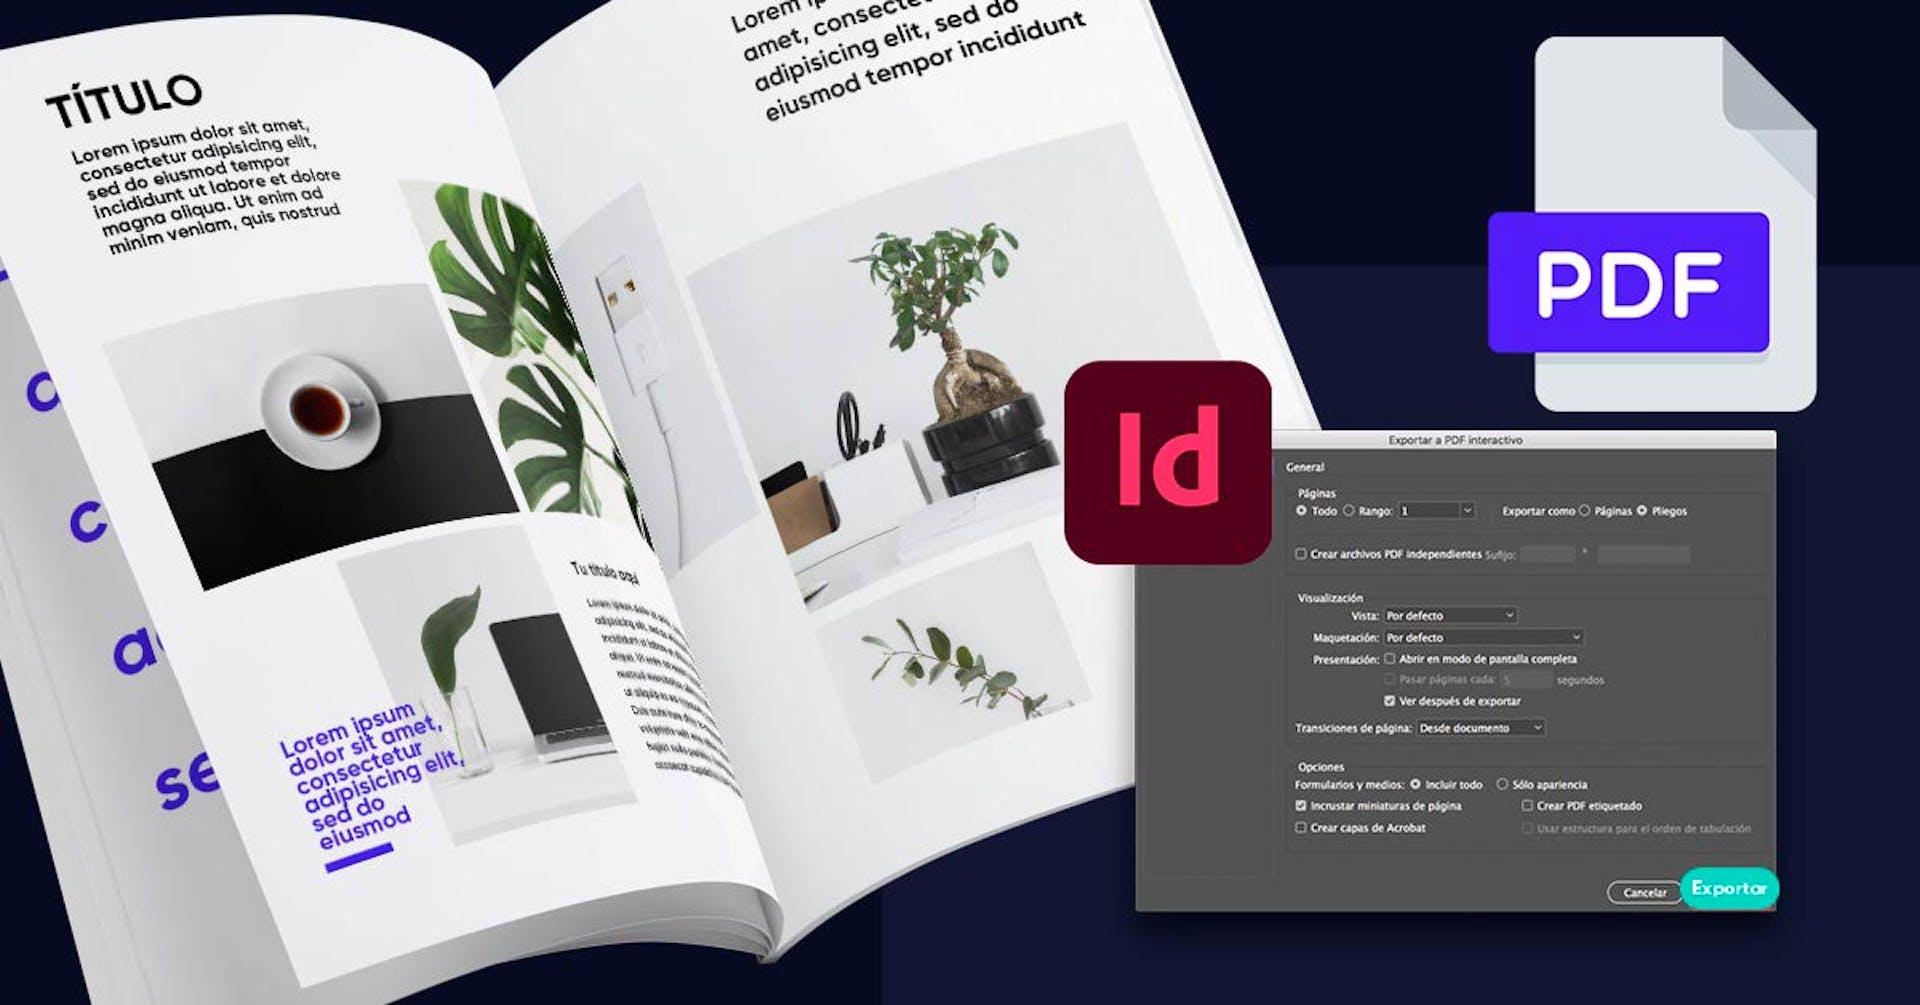 ¿Cómo hacer un PDF interactivo en InDesign? ¡Dale vida a tus documentos!